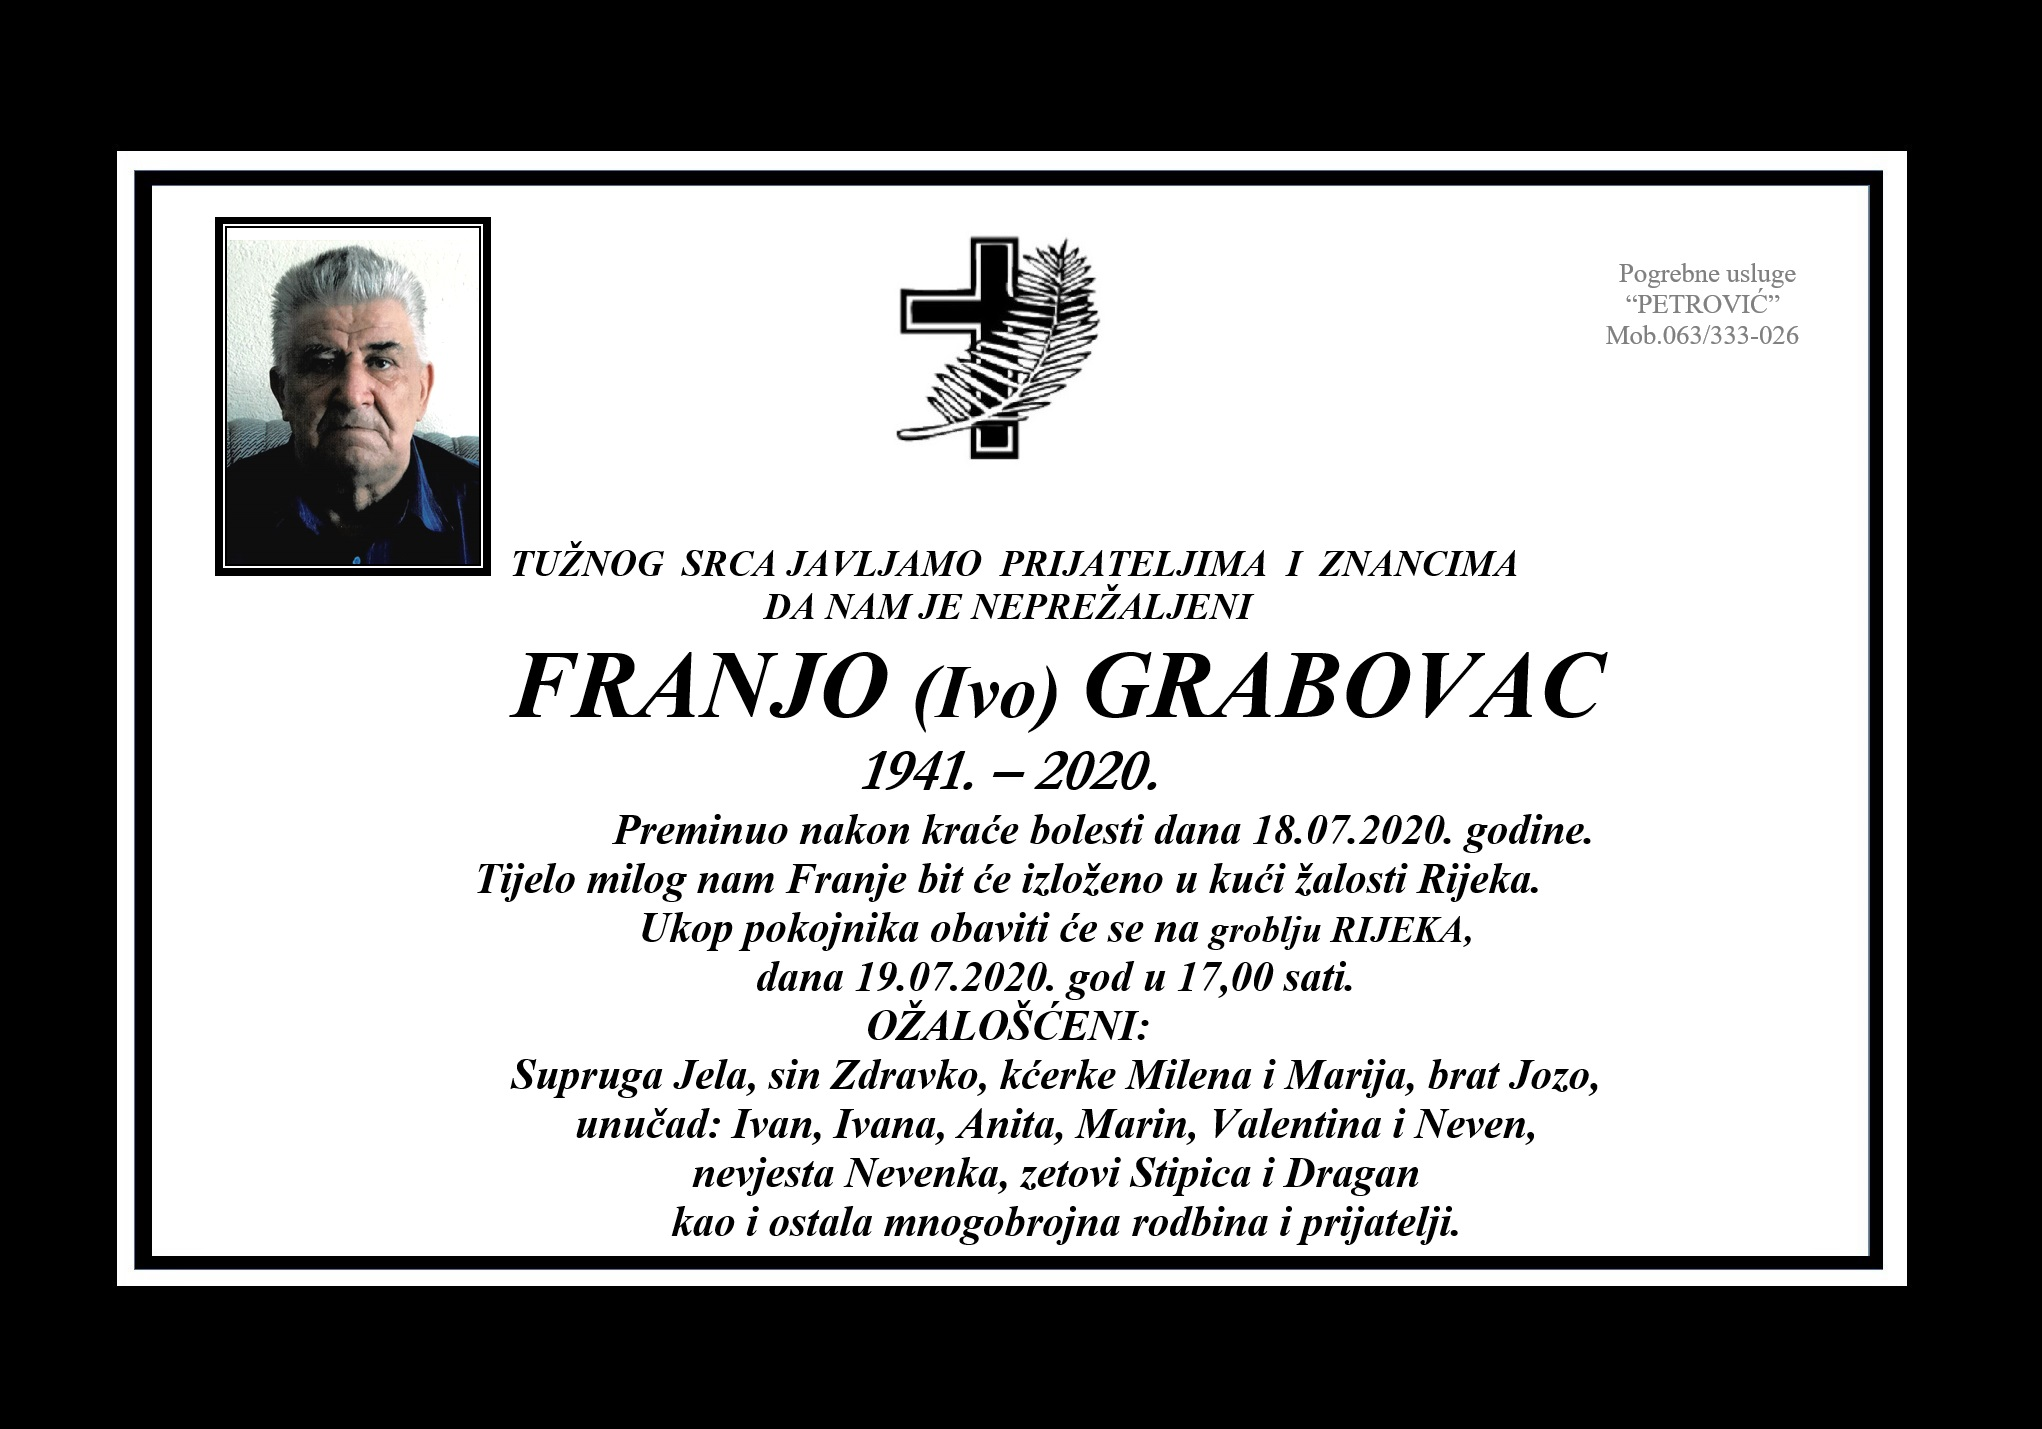 Franjo (Ivo) Grabovac